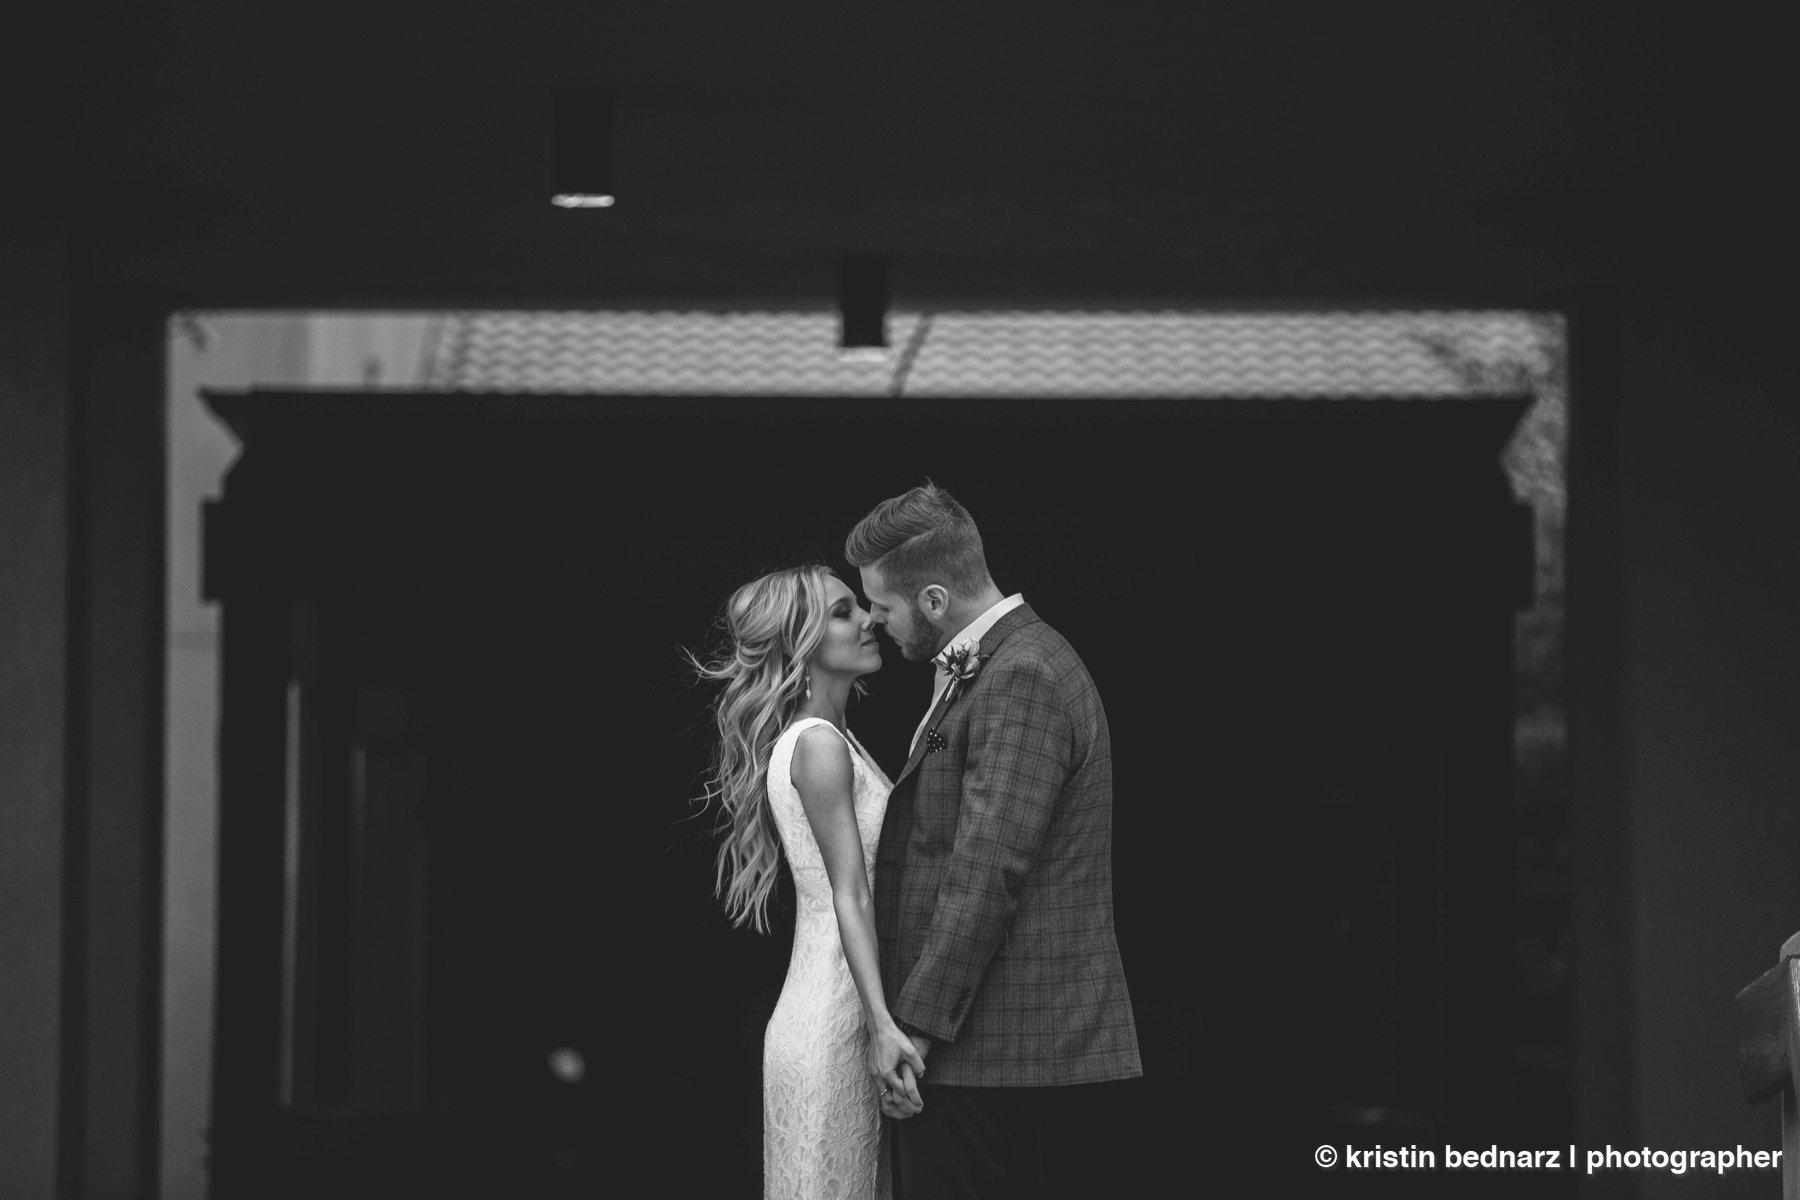 kristin_bednarz_wedding_photographer_20190214_00092sneak_peek.JPG